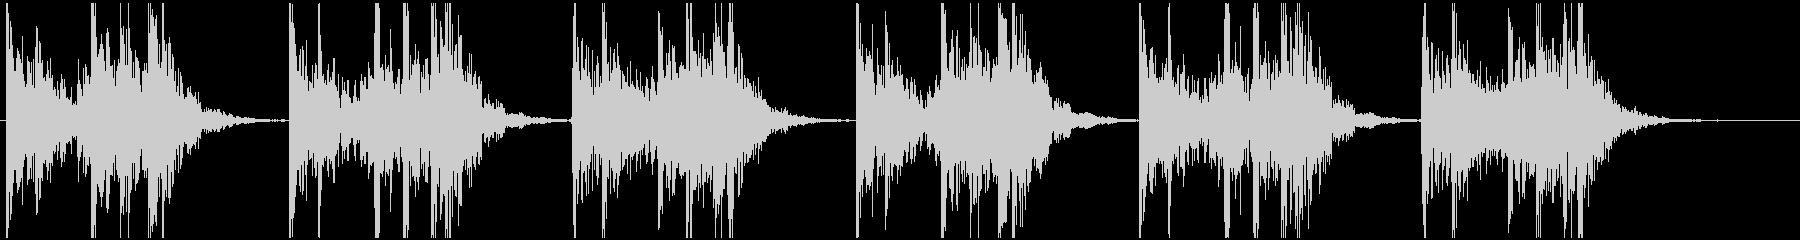 和太鼓の激しい連打の未再生の波形